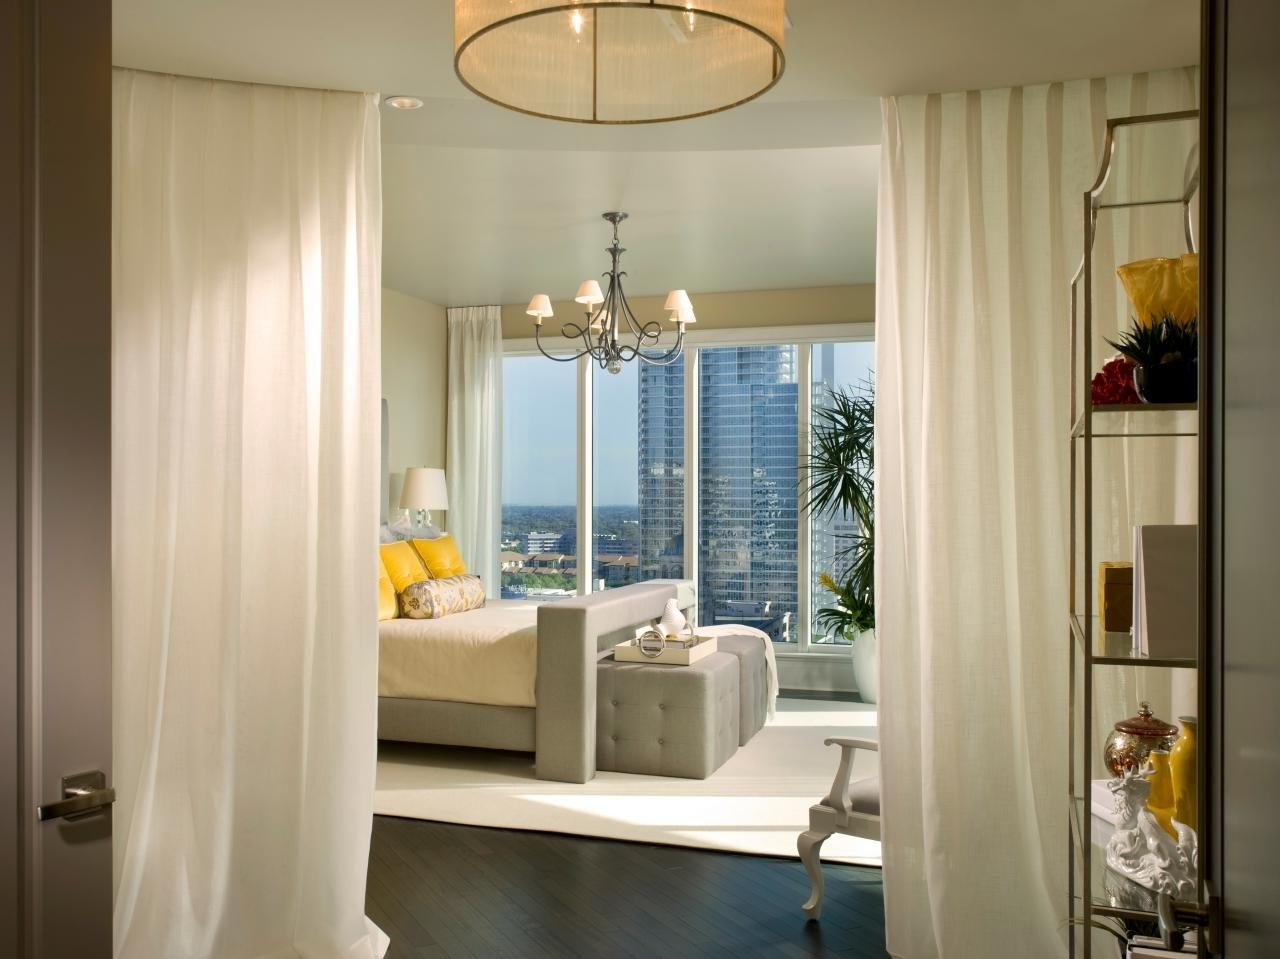 25 Best Ideas Long Bedroom Curtains   Curtain Ideas destiné Rideau De Separation De Pièce Ikea